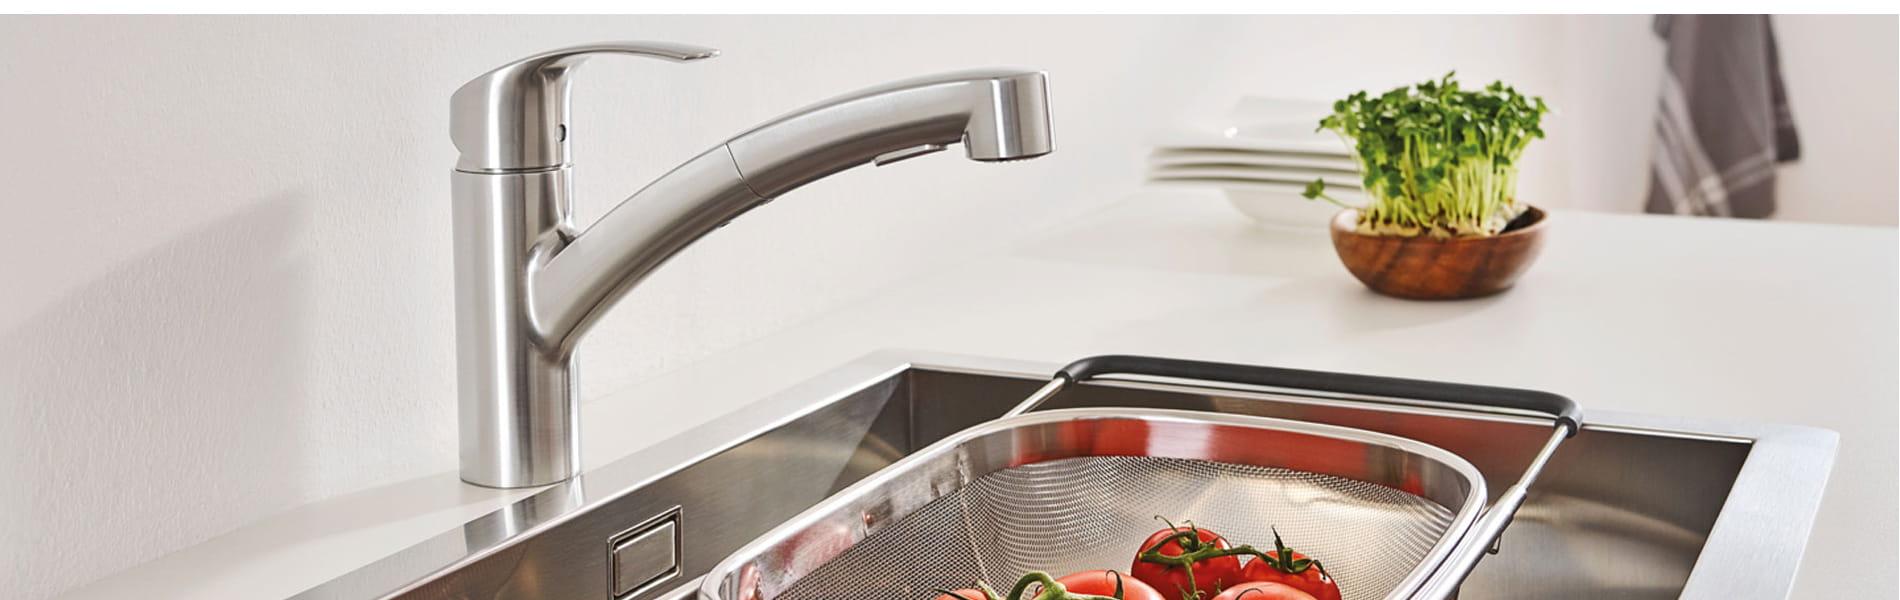 Le robinet de cuisine Eurosmart servant à nettoyer les légumes.